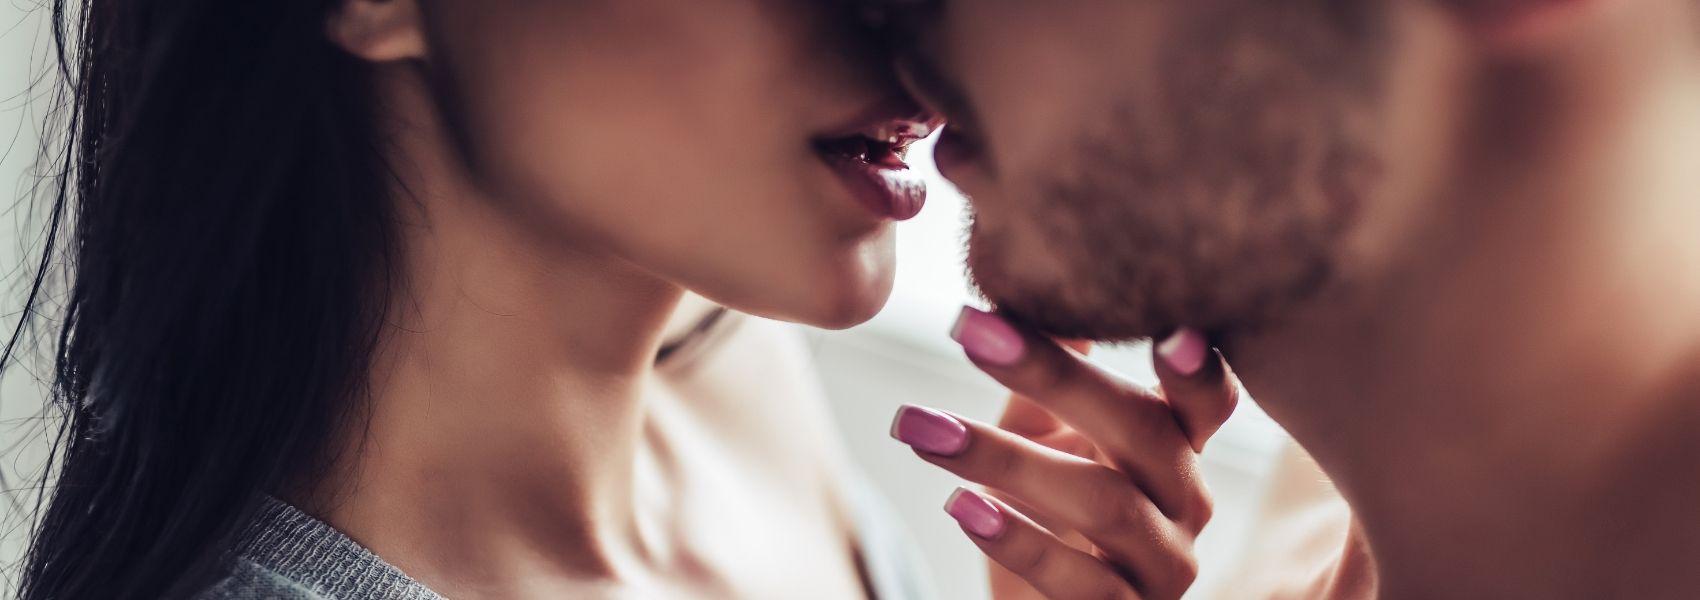 Incidência global da gonorreia está a aumentar e o beijo pode explicar porquê